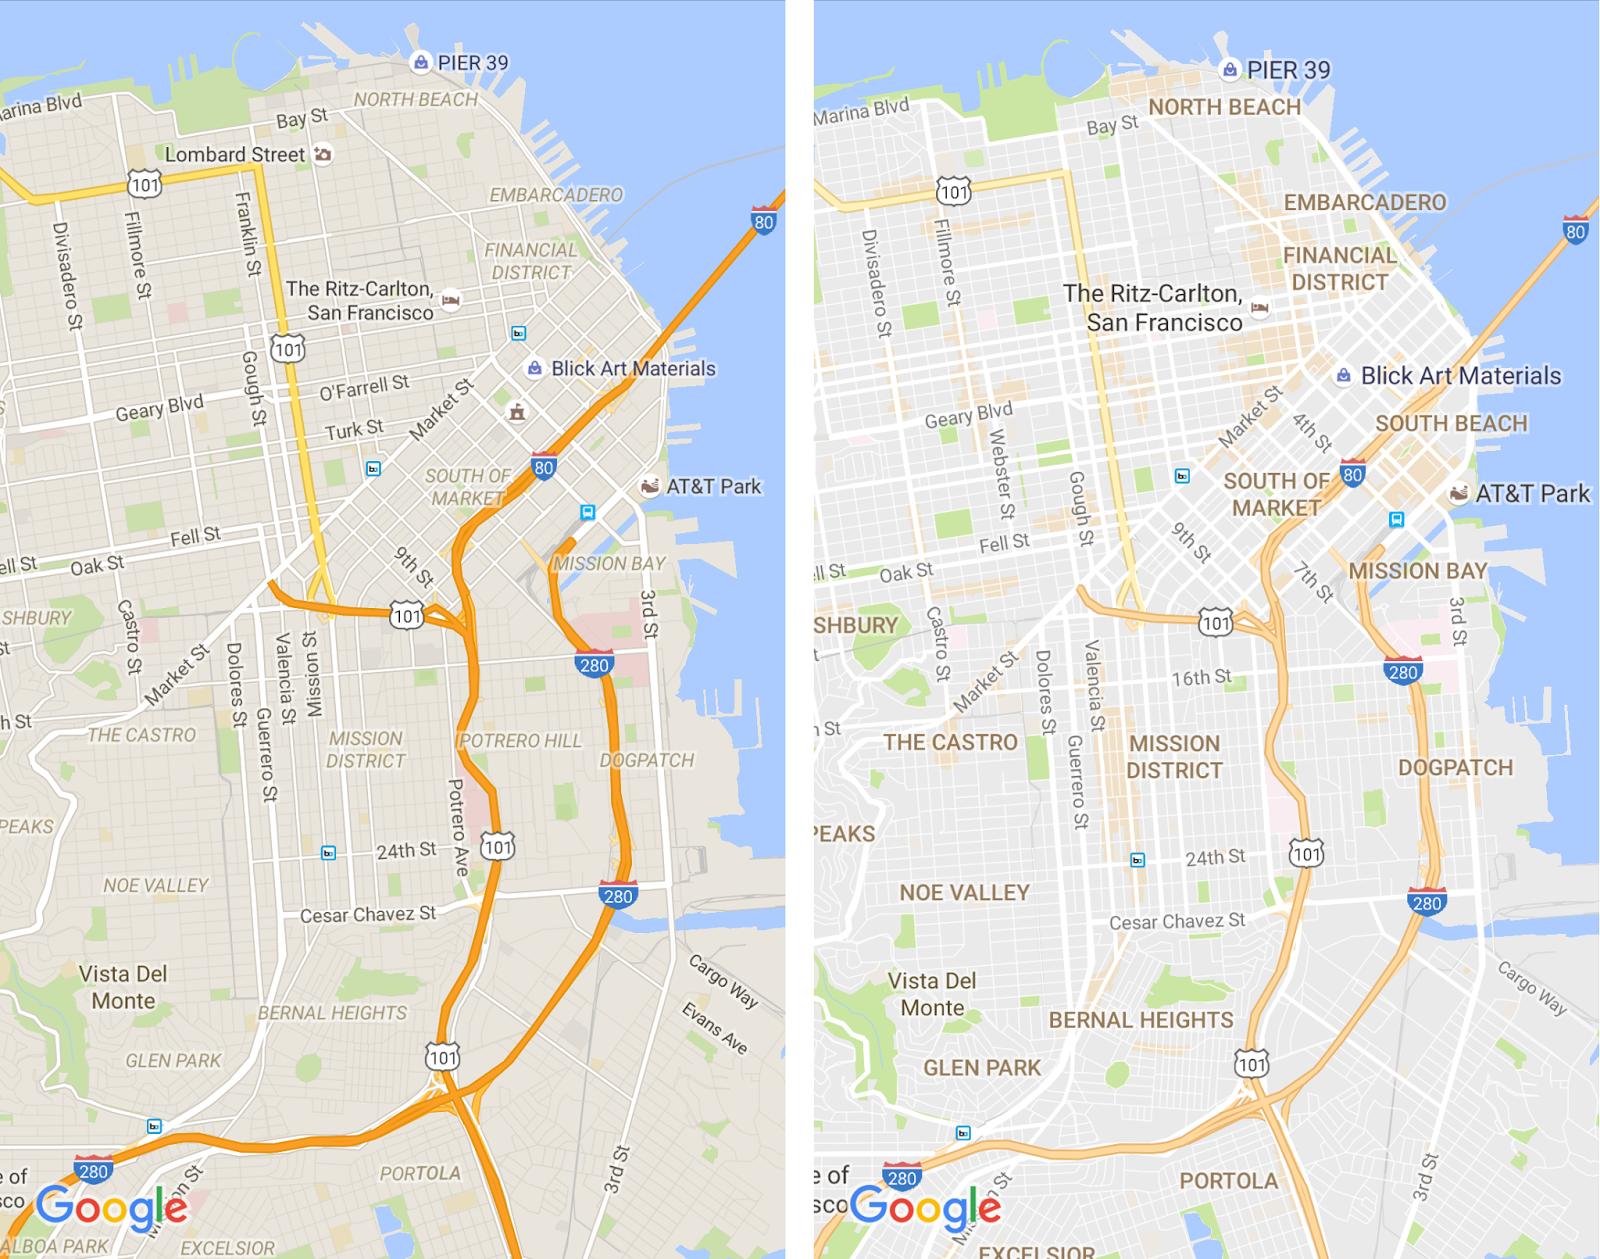 La vieja versión de Google Maps (izquierda) y la nueva (derecha)